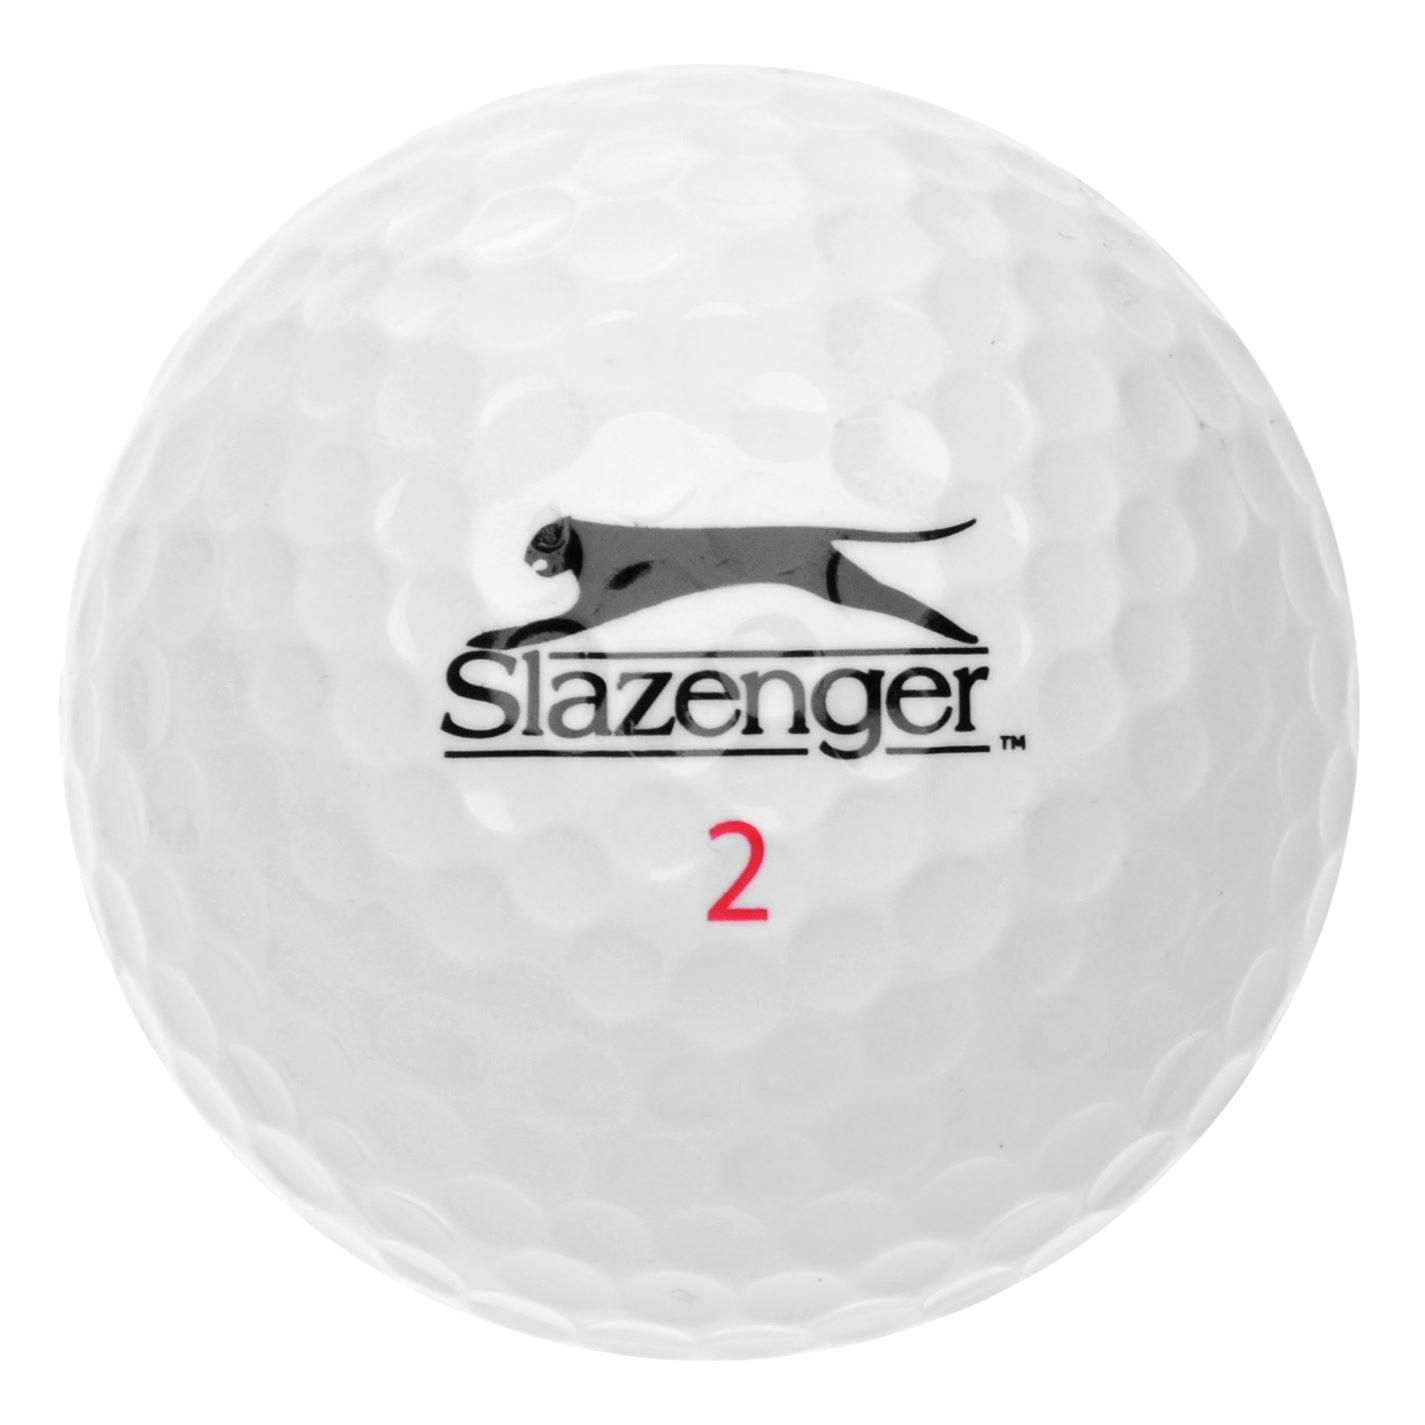 best golf balls 2020 - slazenger